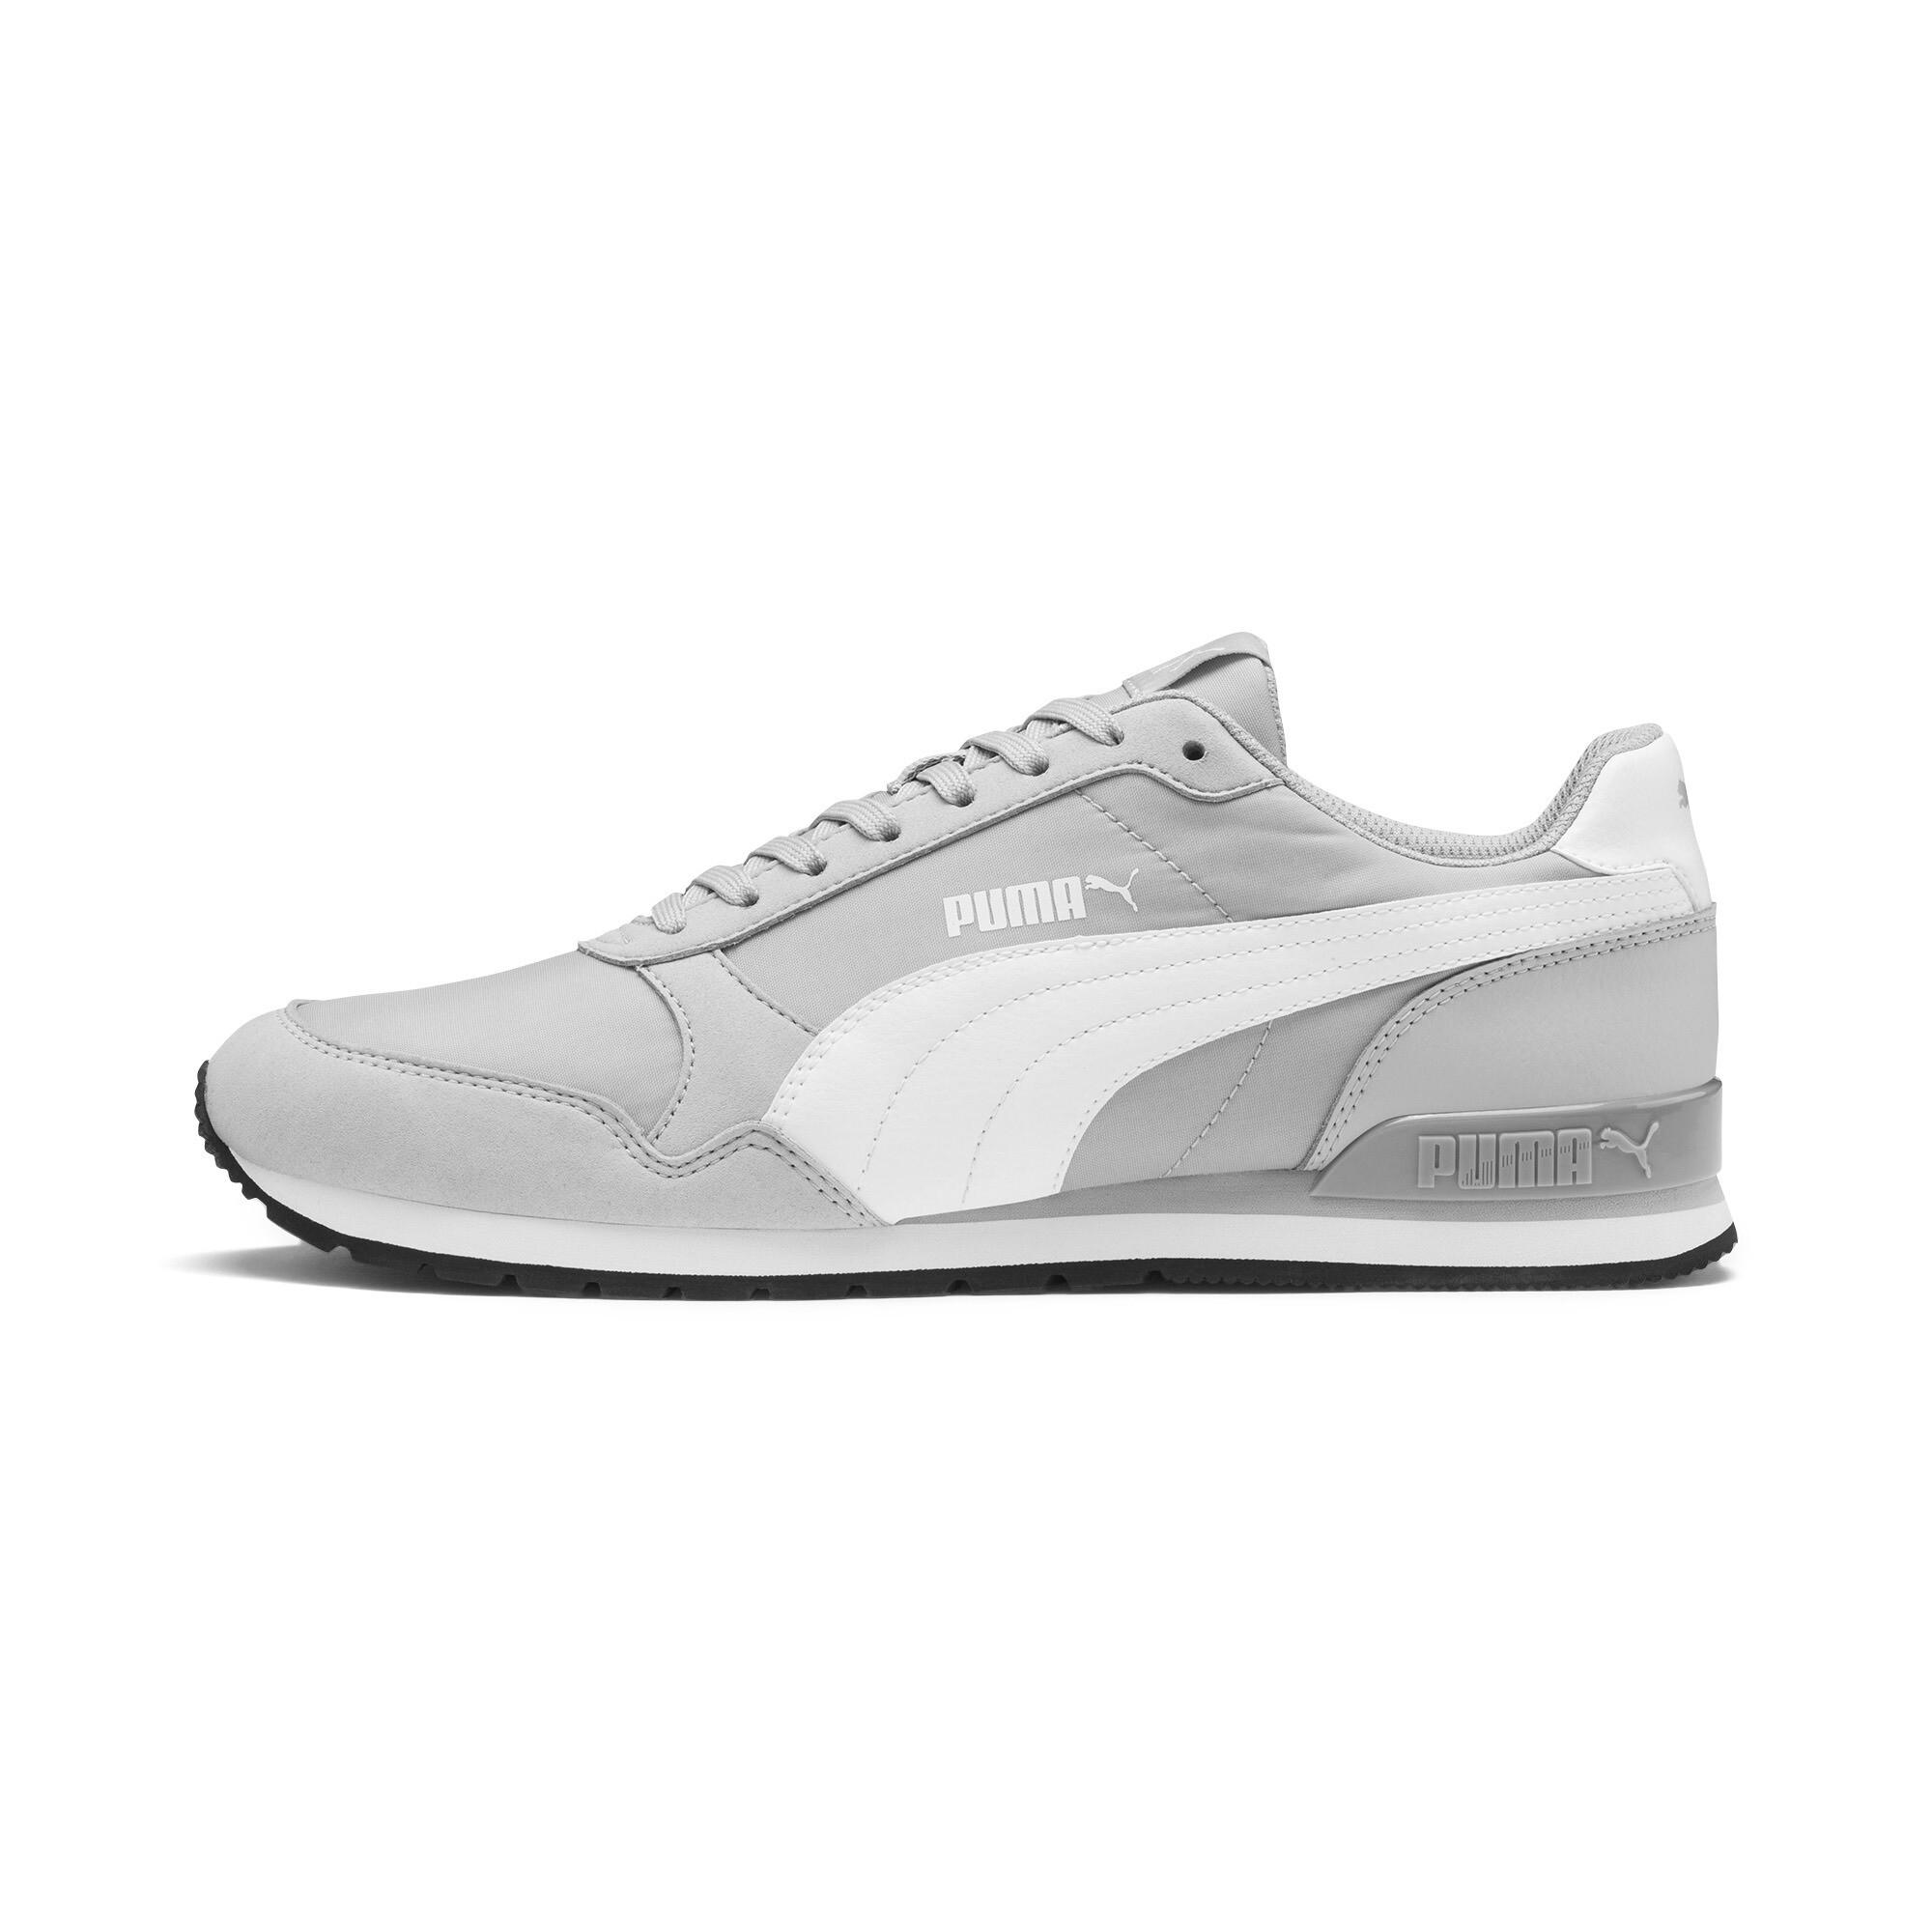 Puma-ST-Runner-v2-Para-hombre-Zapatos-para-hombre-Basics miniatura 11